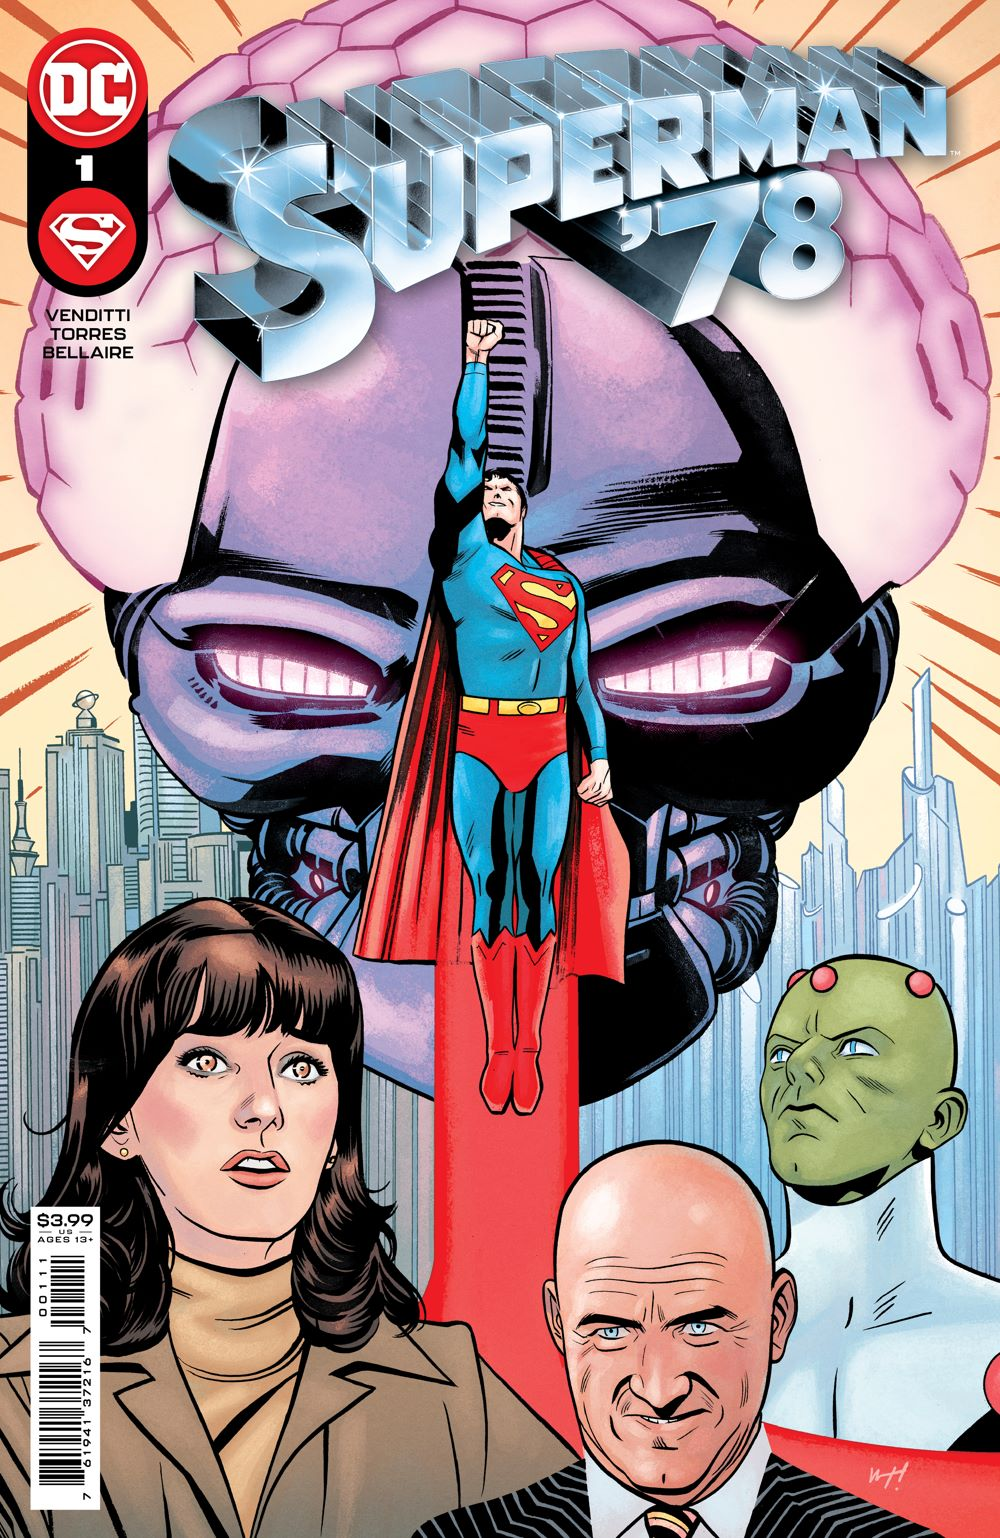 SM78_Cv1 DC Comics August 2021 Solicitations